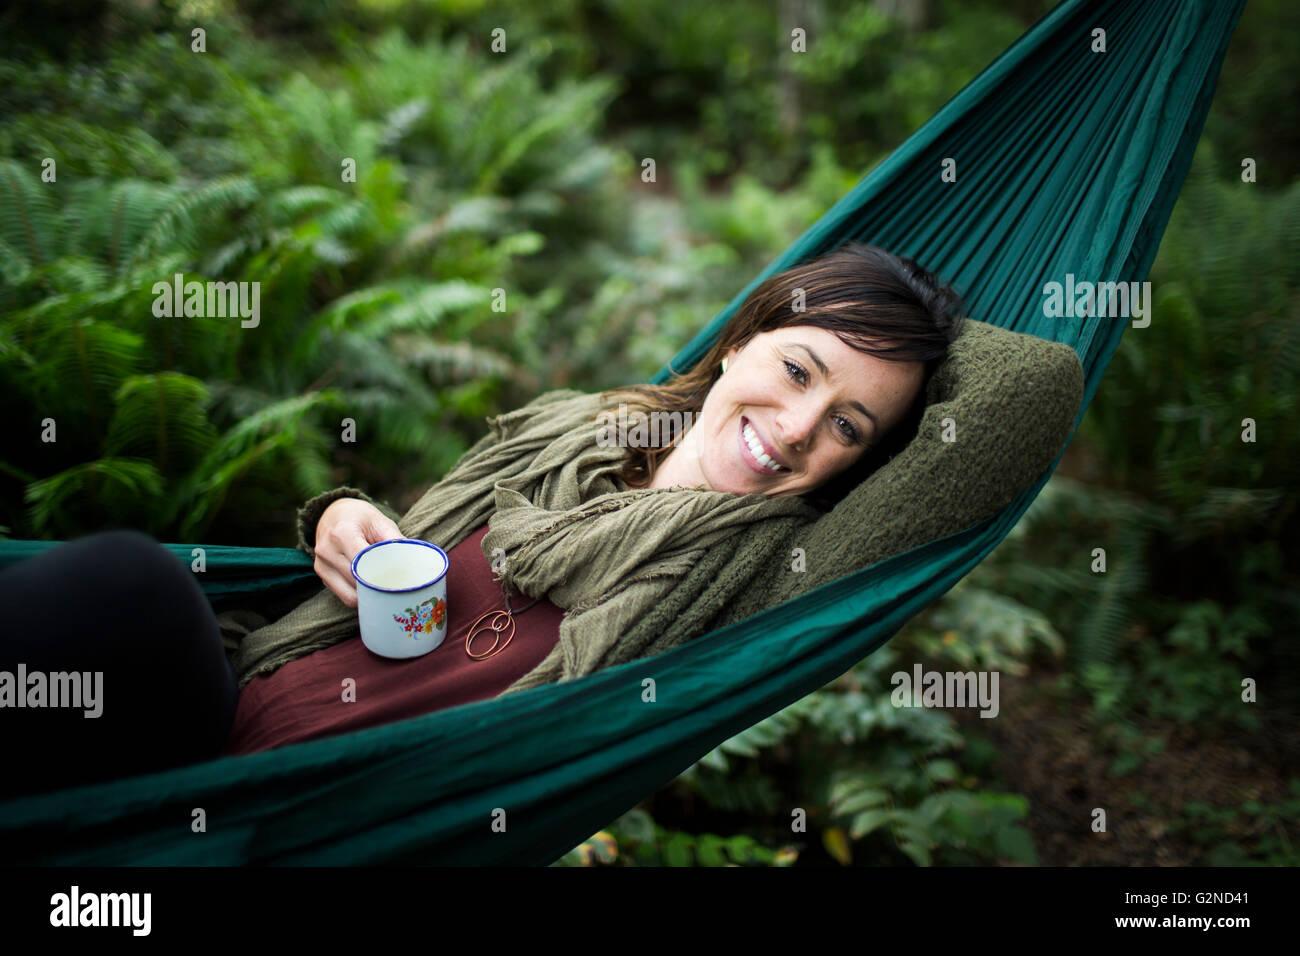 Suspendu dans une forêt tropicale Photo Stock